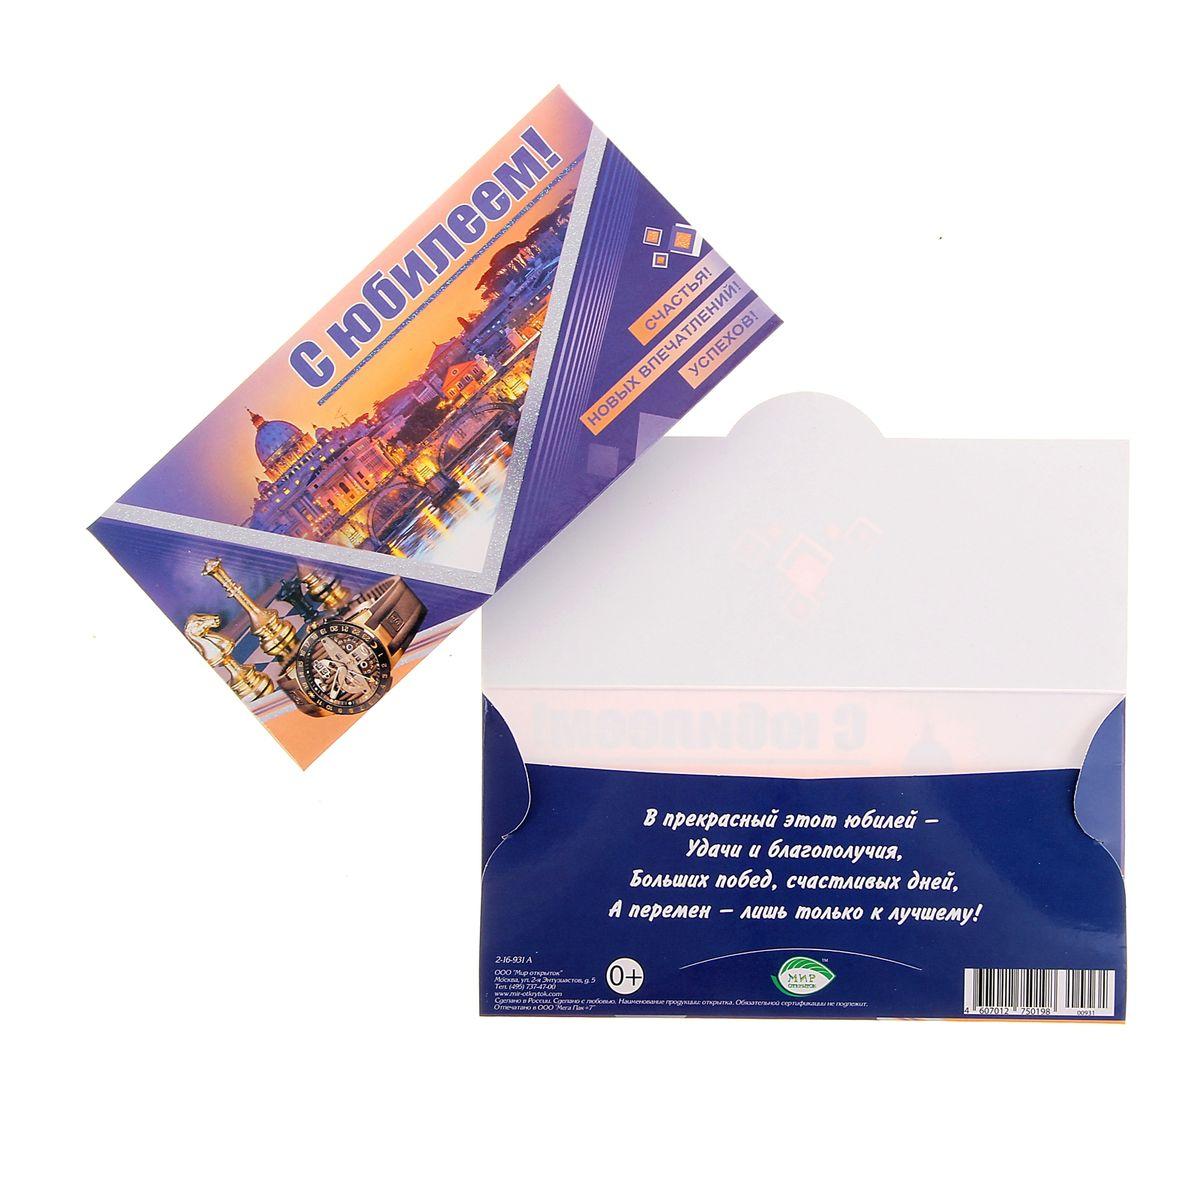 Конверт для денег С юбилеем!. 105201155052Конверт для денег С юбилеем! выполнен из плотной бумаги и украшен оригинальной картинкой, соответствующей событию. Это необычная красивая одежка для денежного подарка, а так же отличная возможность сделать его более праздничным и создать прекрасное настроение! Конверт содержит небольшое стихотворное поздравление.